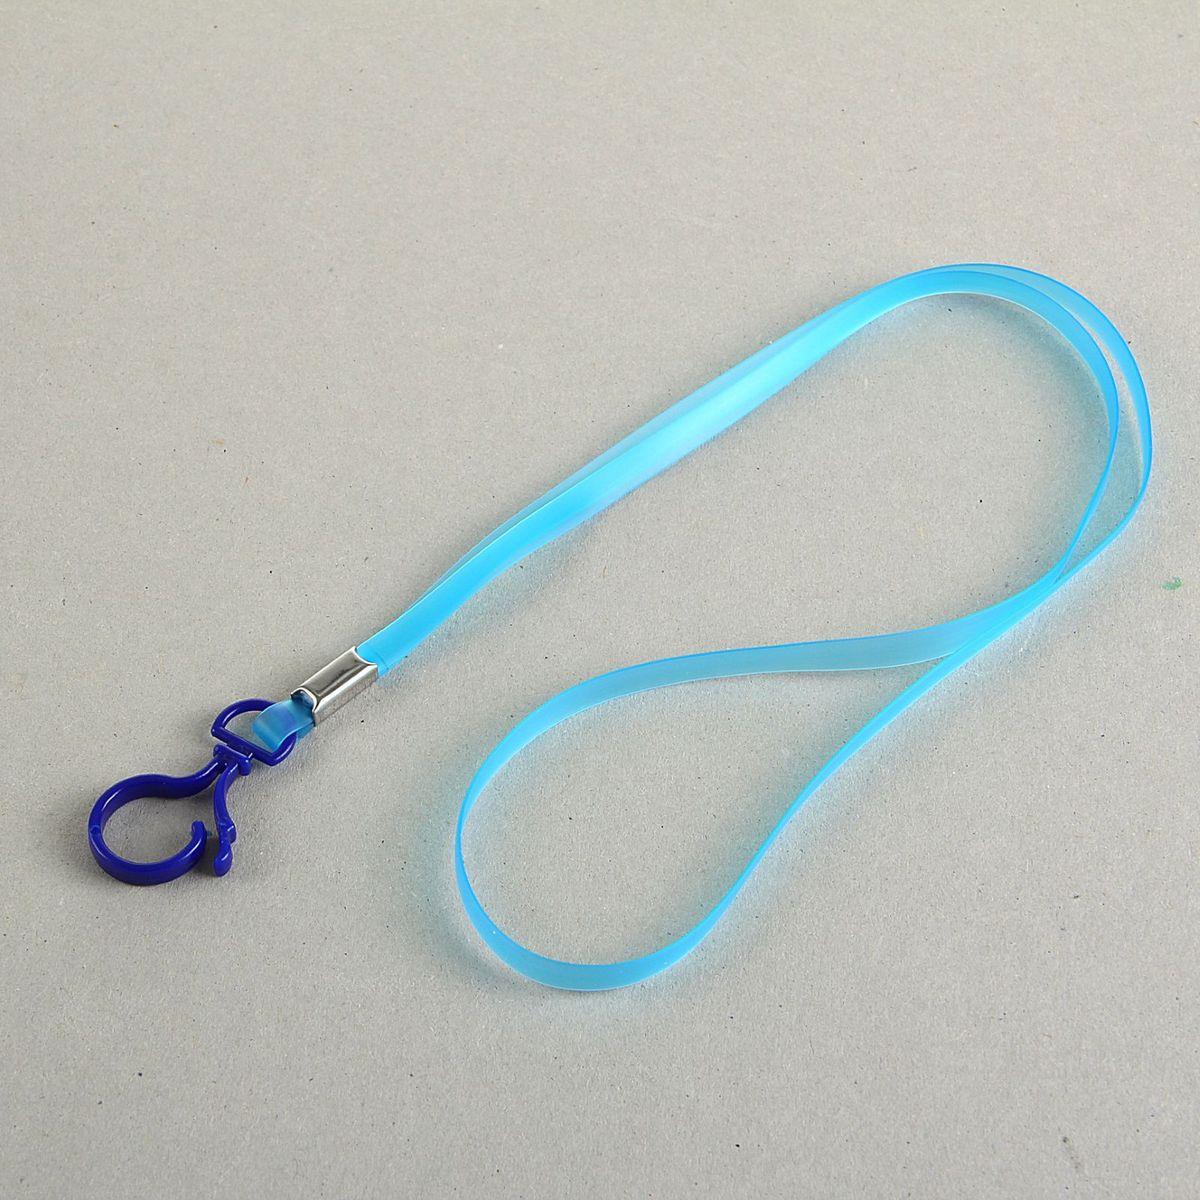 Лента для бейджа длина 38 см ширина 5 мм цвет синий 1965016